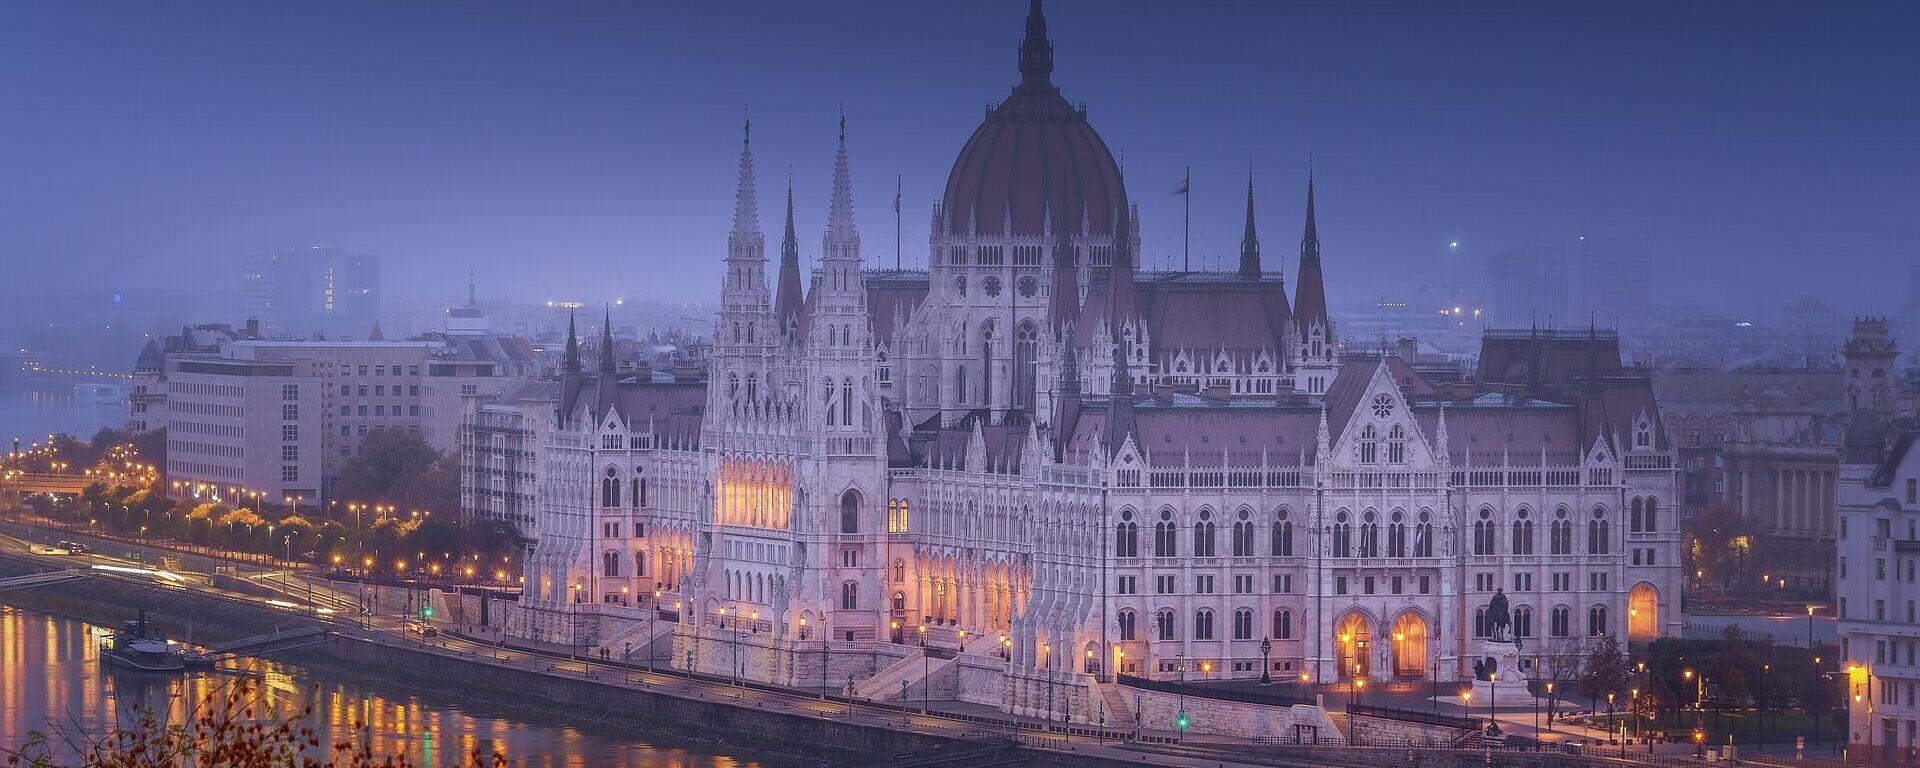 Budapest (Archiv) - SNA, 1920, 15.12.2020